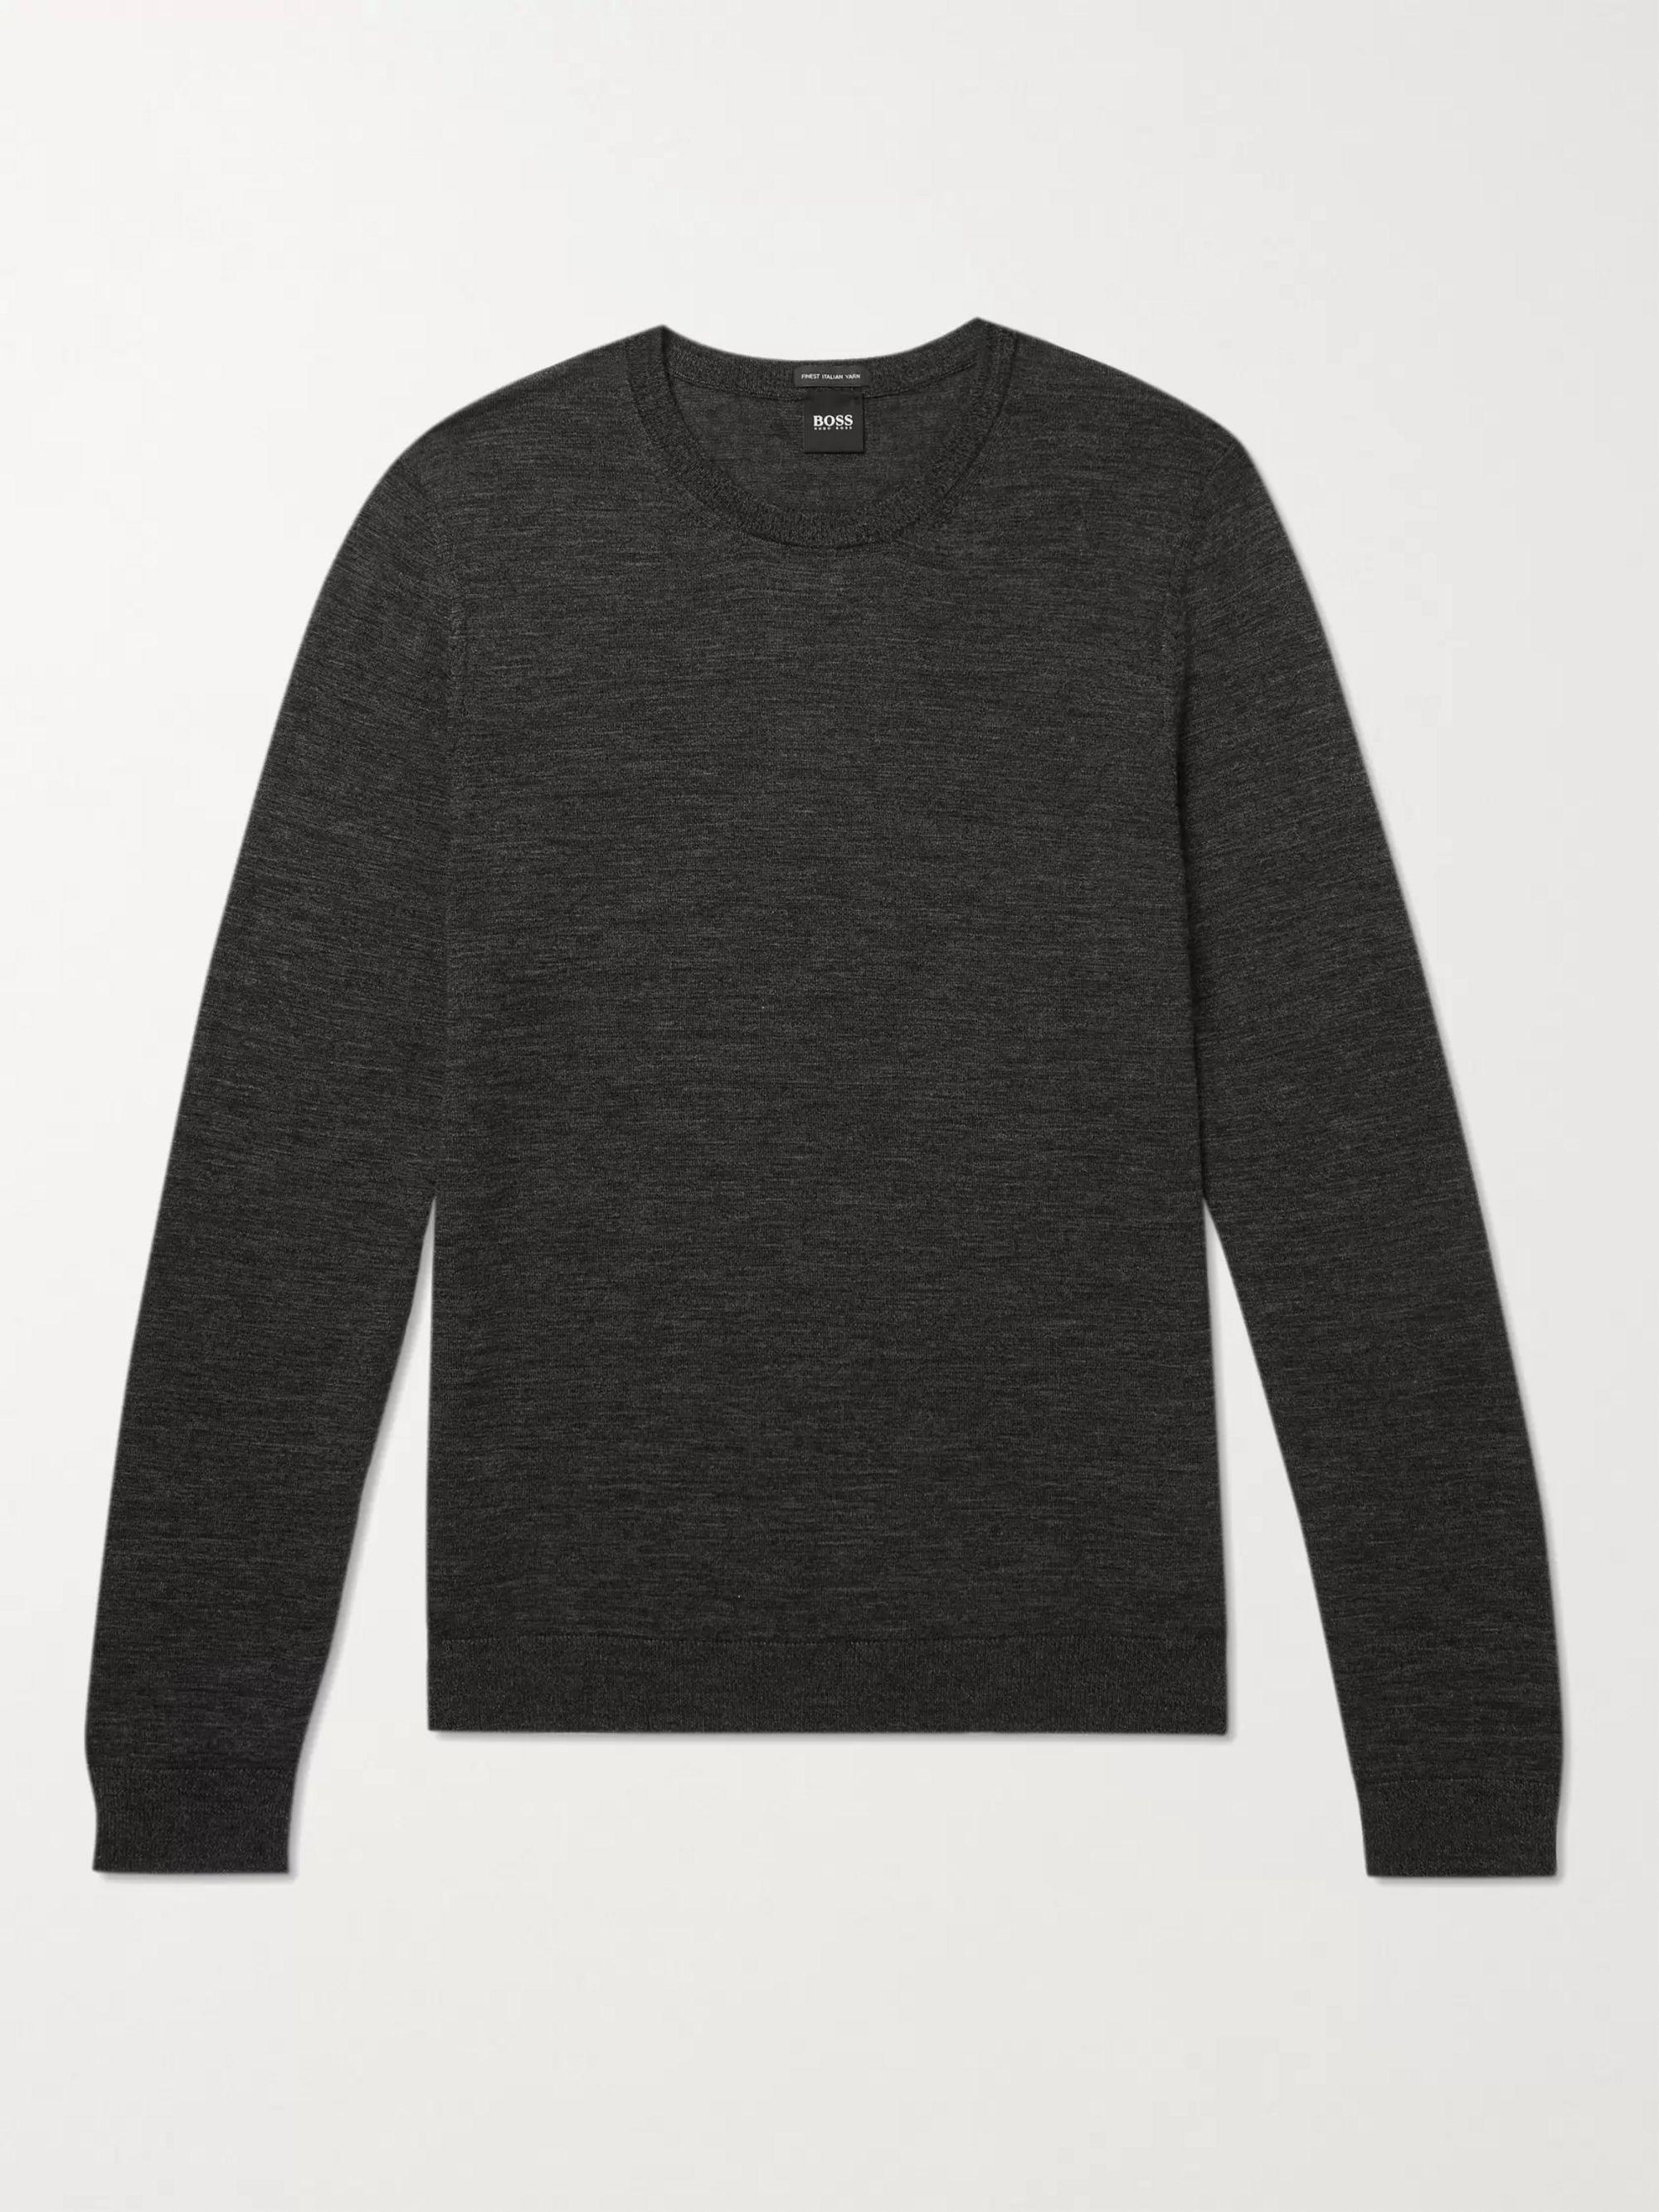 HUGO BOSS Slim-Fit Virgin Wool Sweater